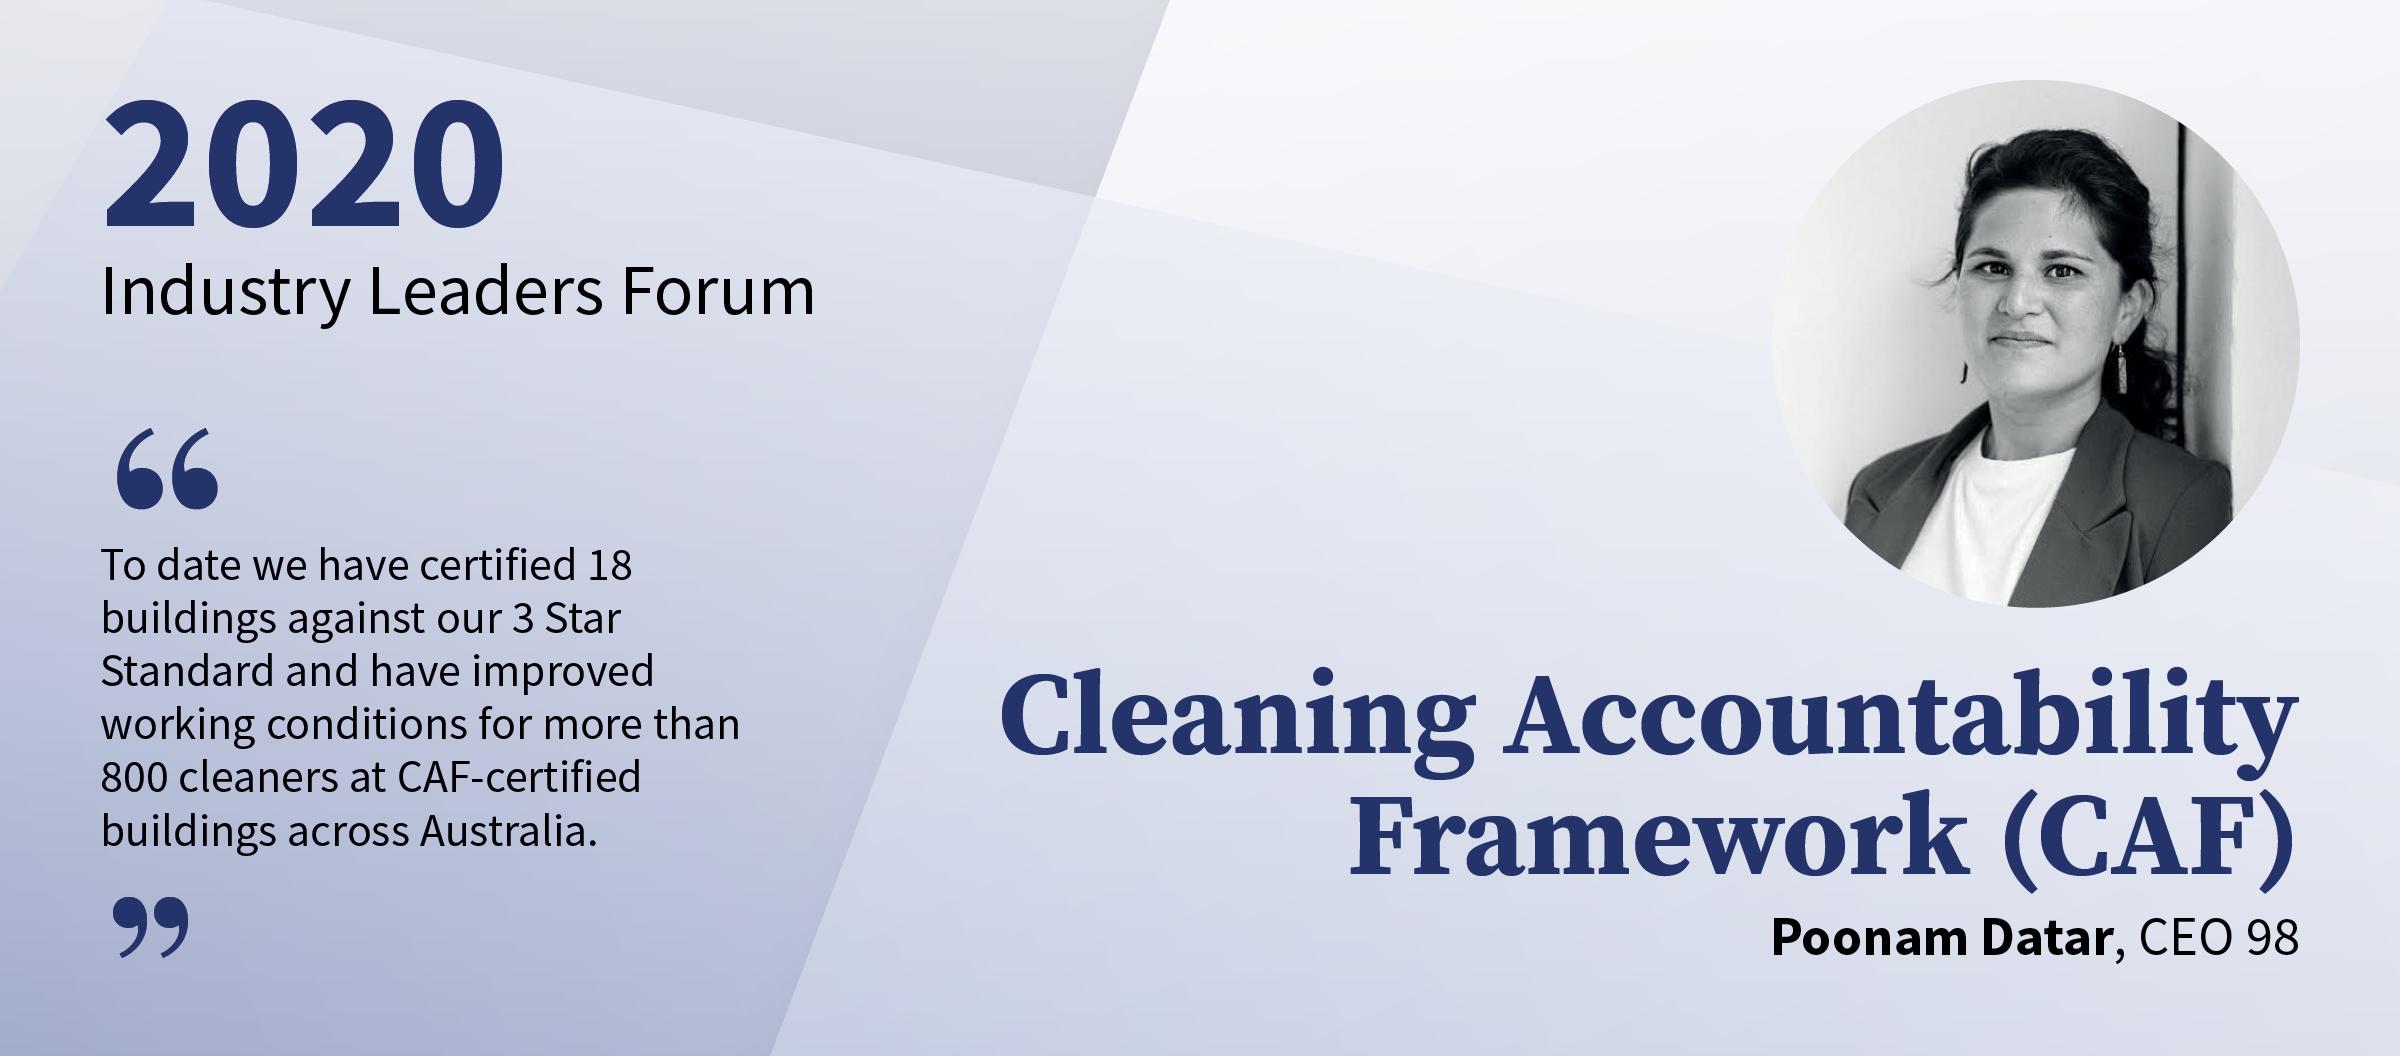 INCLEAN Leaders Forum 2020 1200x528 4